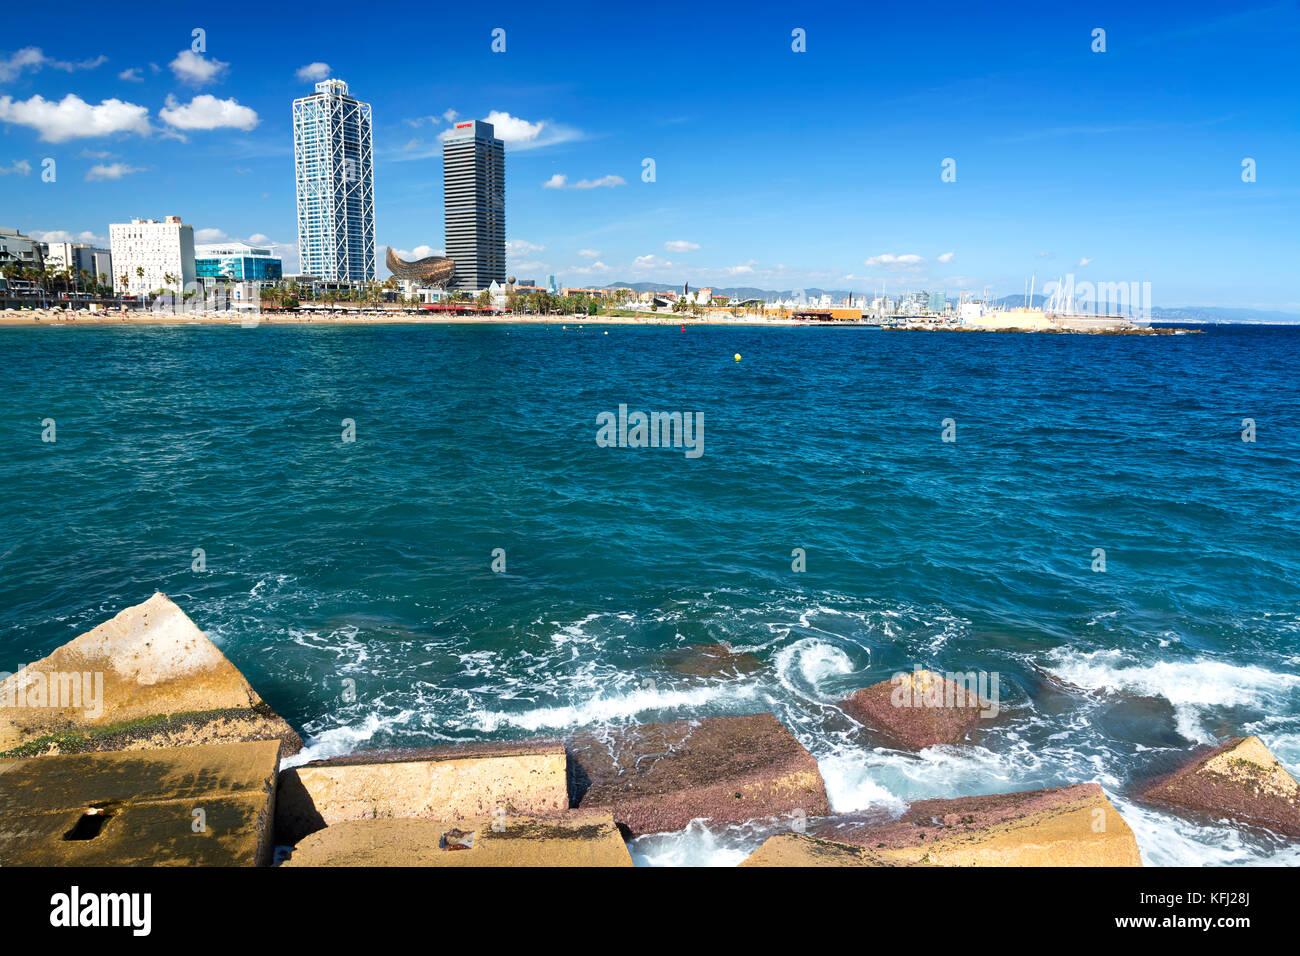 Coast of Barcelona in 20. September 2017, Spain - Stock Image